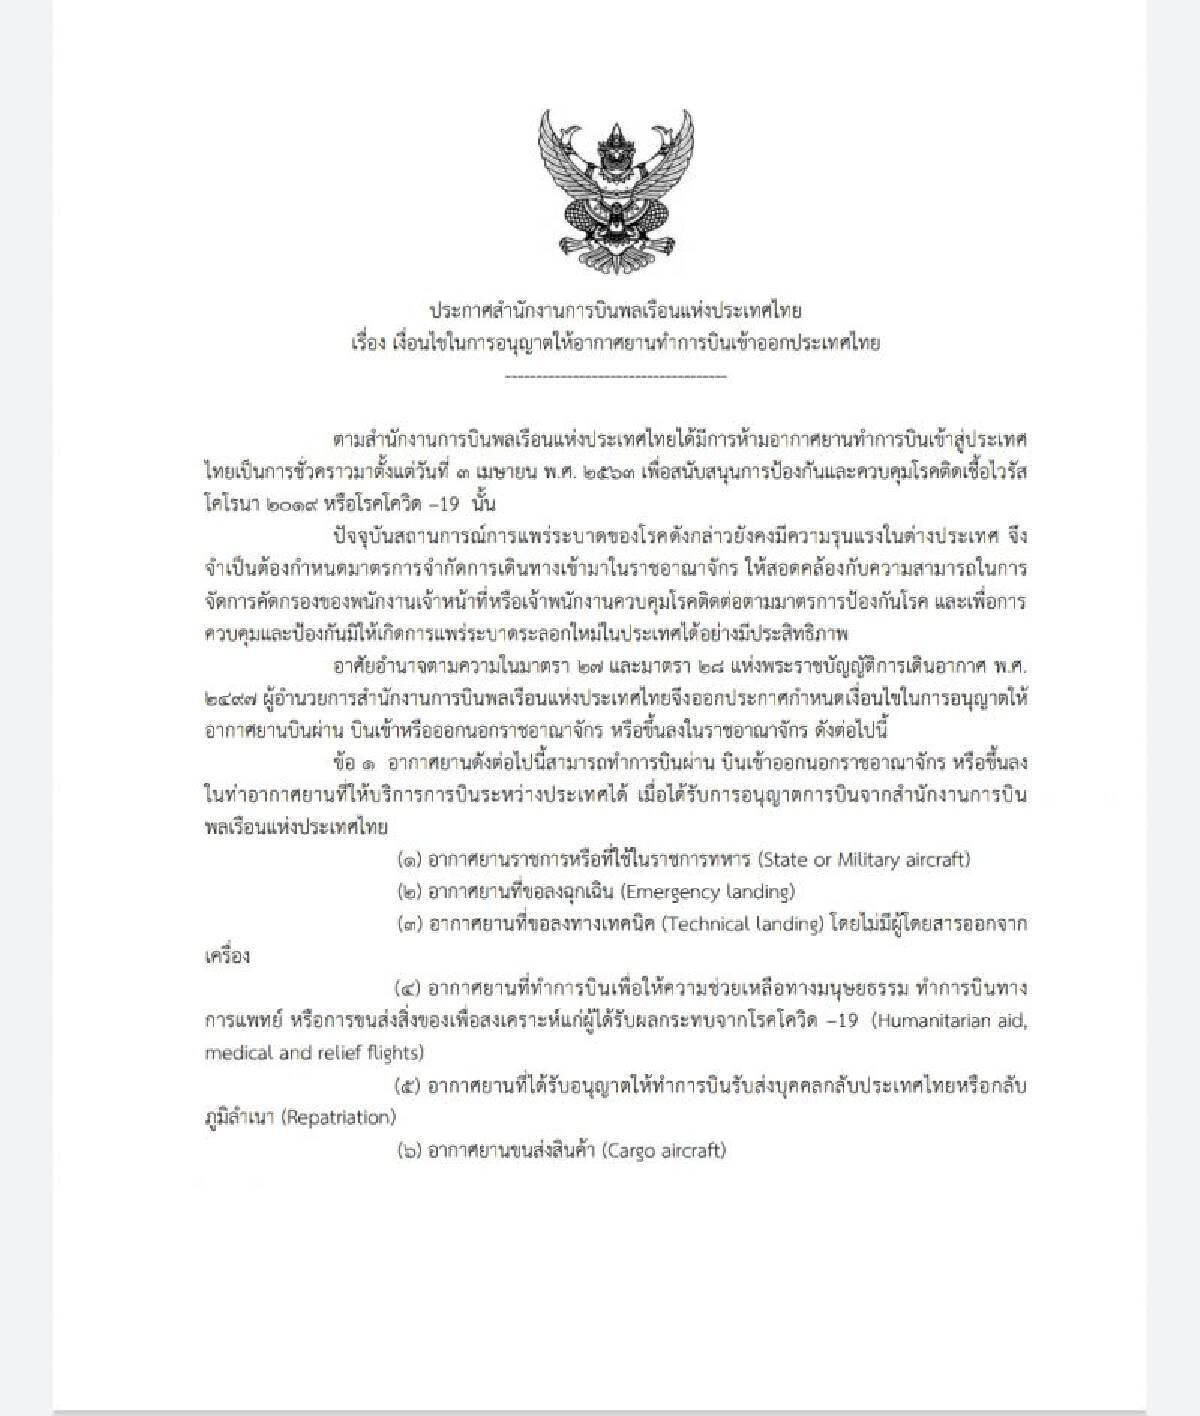 ด่วน!กพท.ประกาศให้อากาศยานบินเข้าไทยได้บางส่วน นำ11กลุ่มบินเข้าประเทศ1ก.ค.นี้